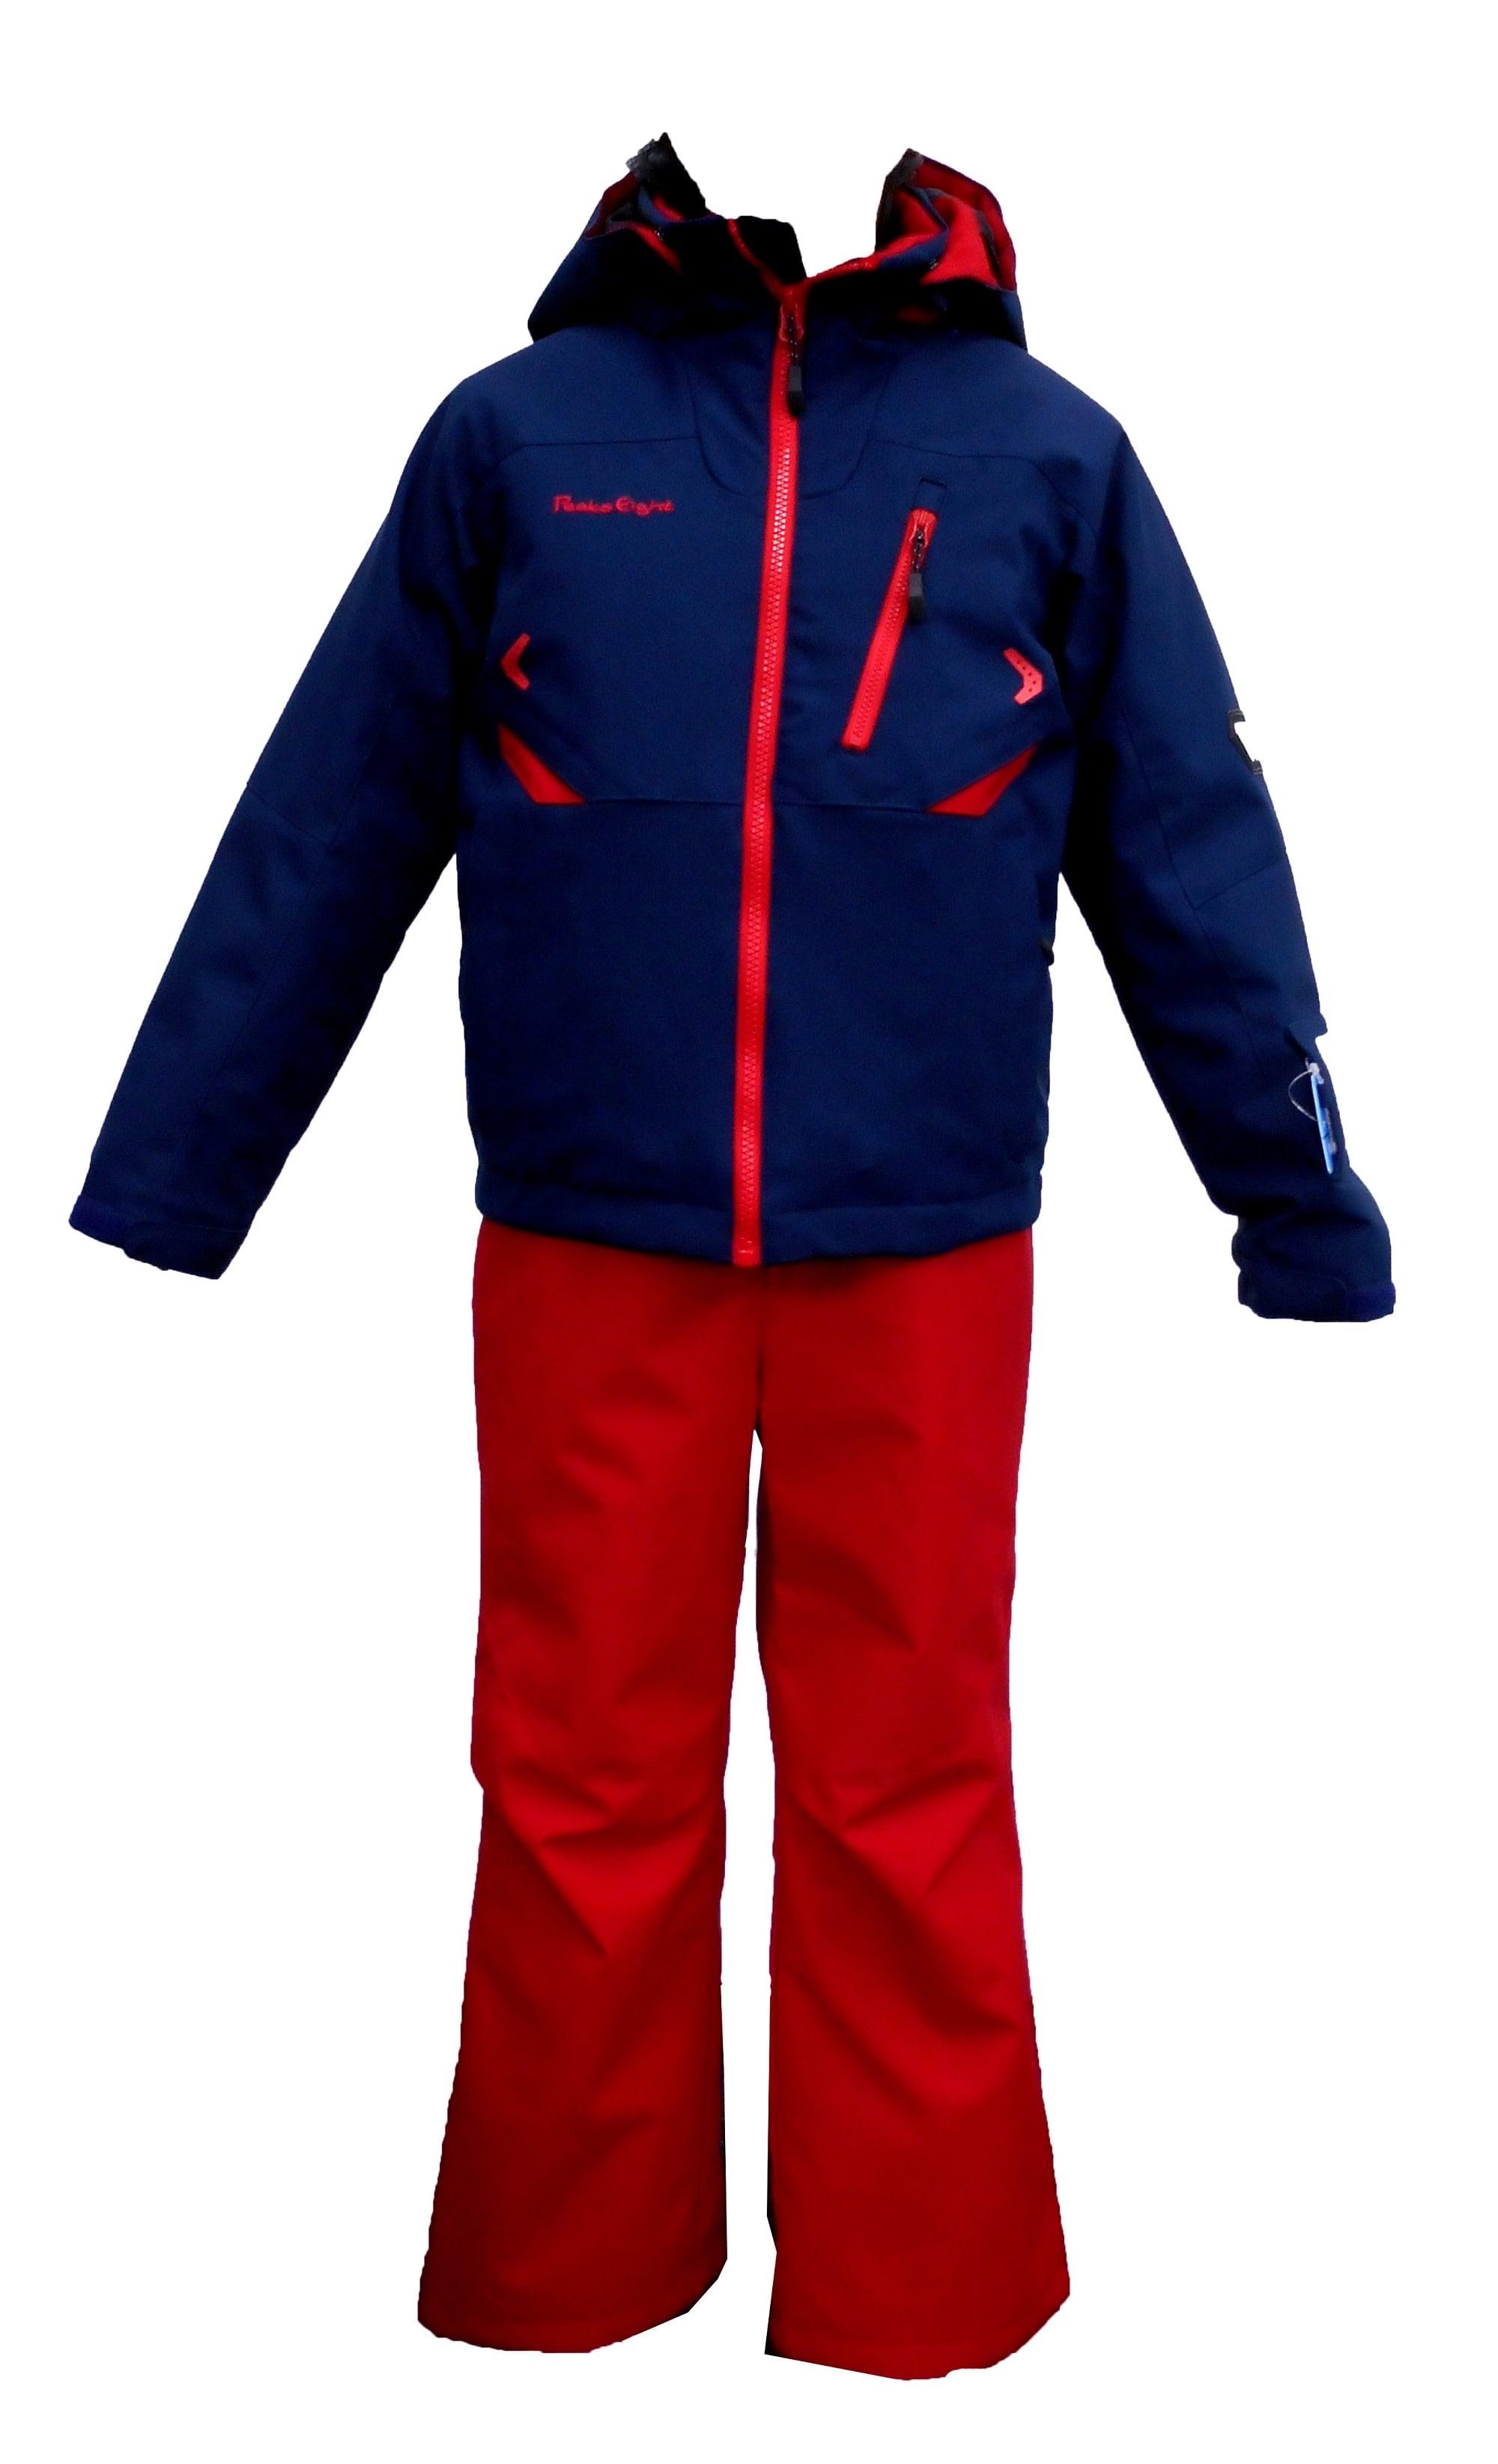 P8182P01 子供スキースーツ(組み合わせ自由 ジャケット:ネイビー or レッド、パンツ:レッド or ネイビー)